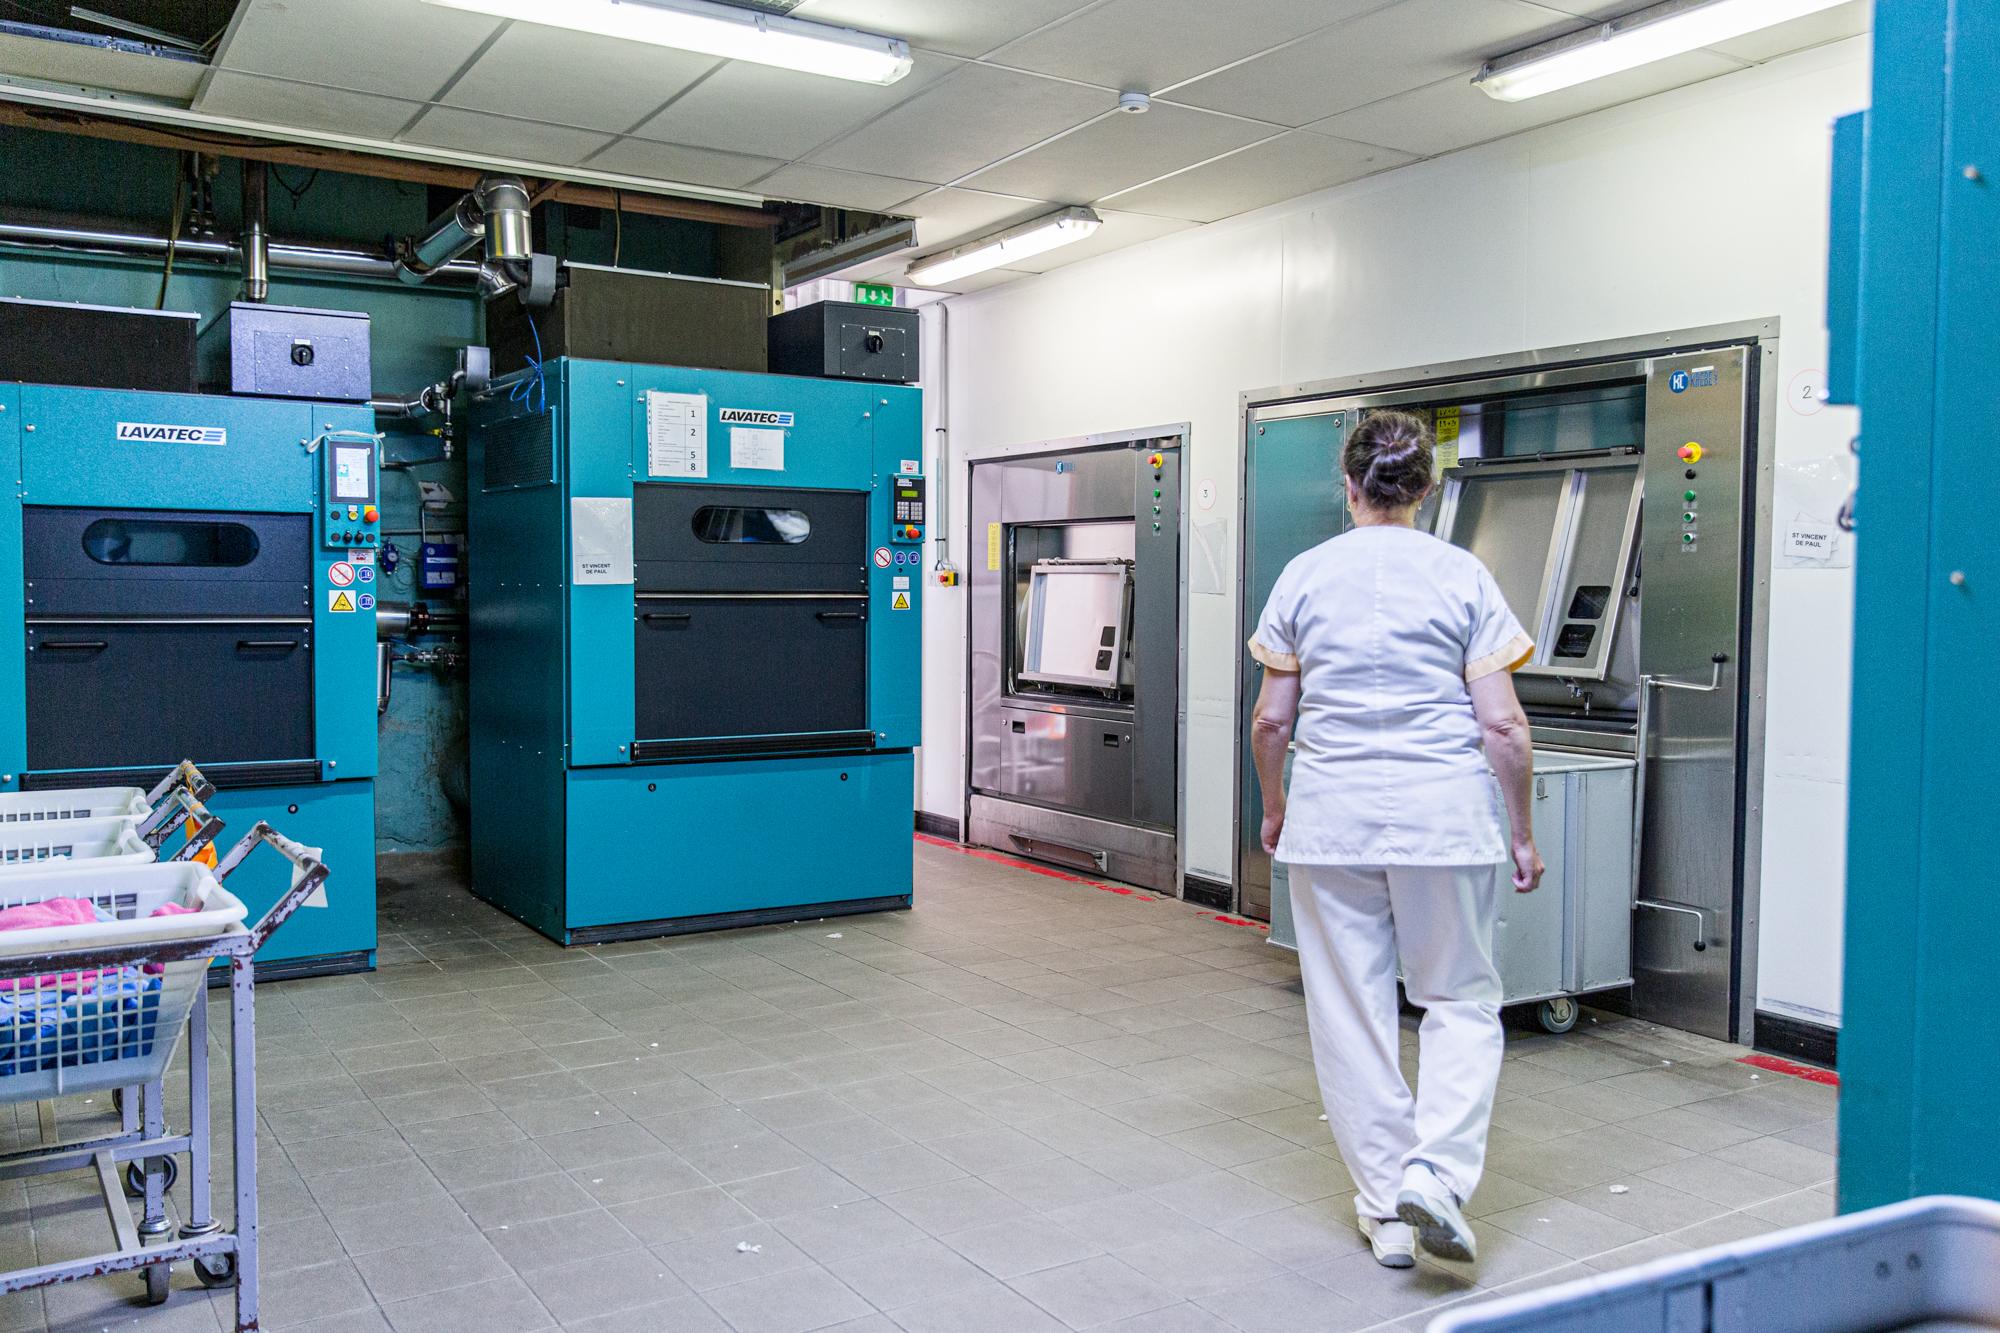 Une employé de la blanchisserie industrielle marche dans le pièce des machines